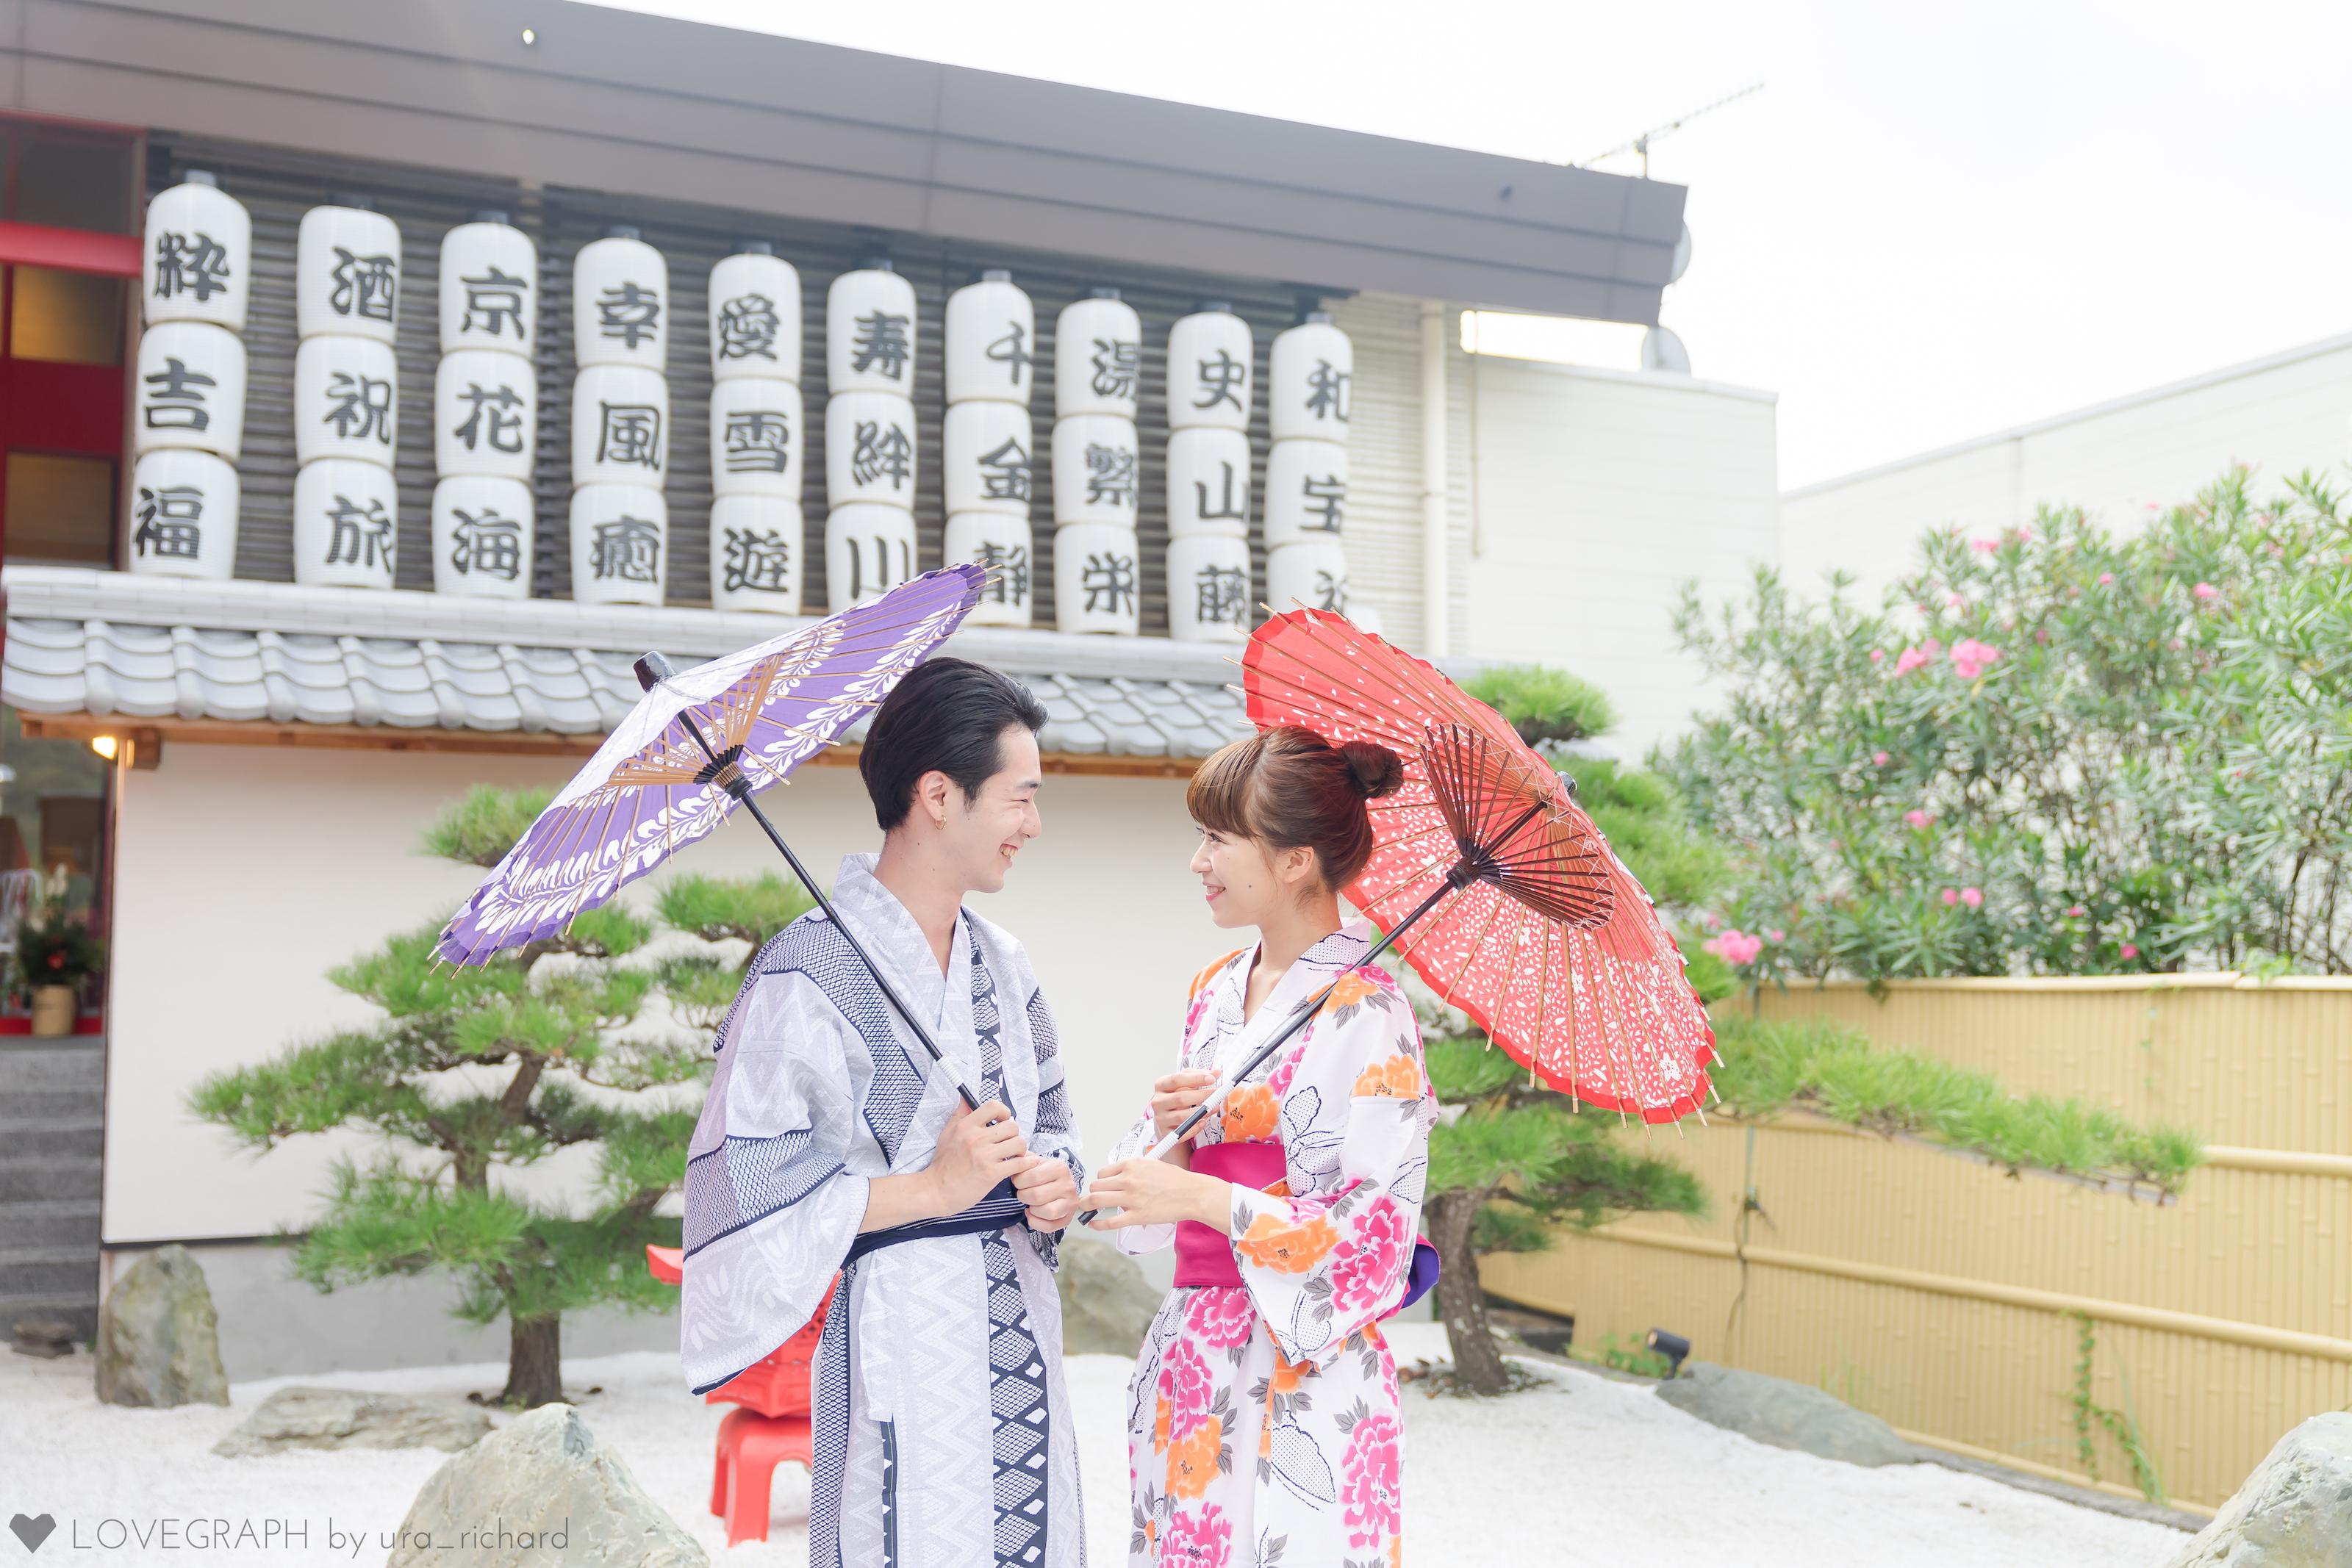 #私の好きな日本「浴衣でお出かけ」 The Ryokan Tokyo入り口 撮影協力:Lovegraph